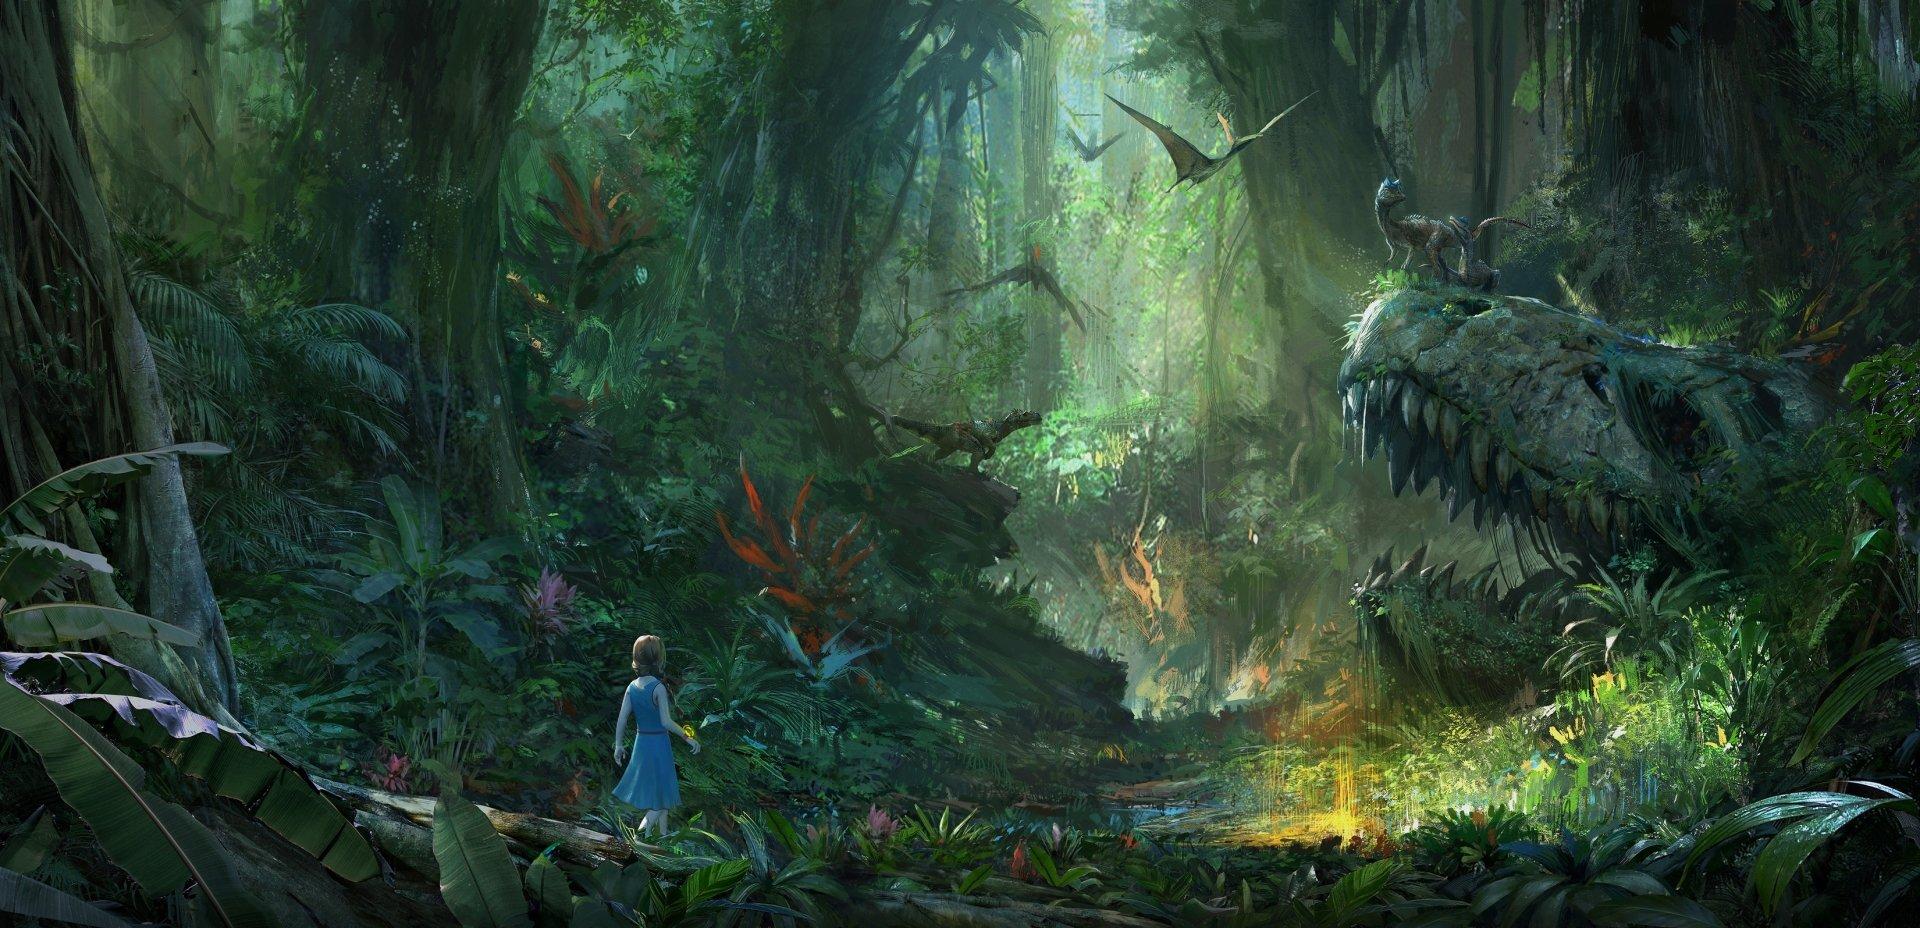 Video Game - ARK Park  Child Girl Dinosaur Forest Jungle Wallpaper